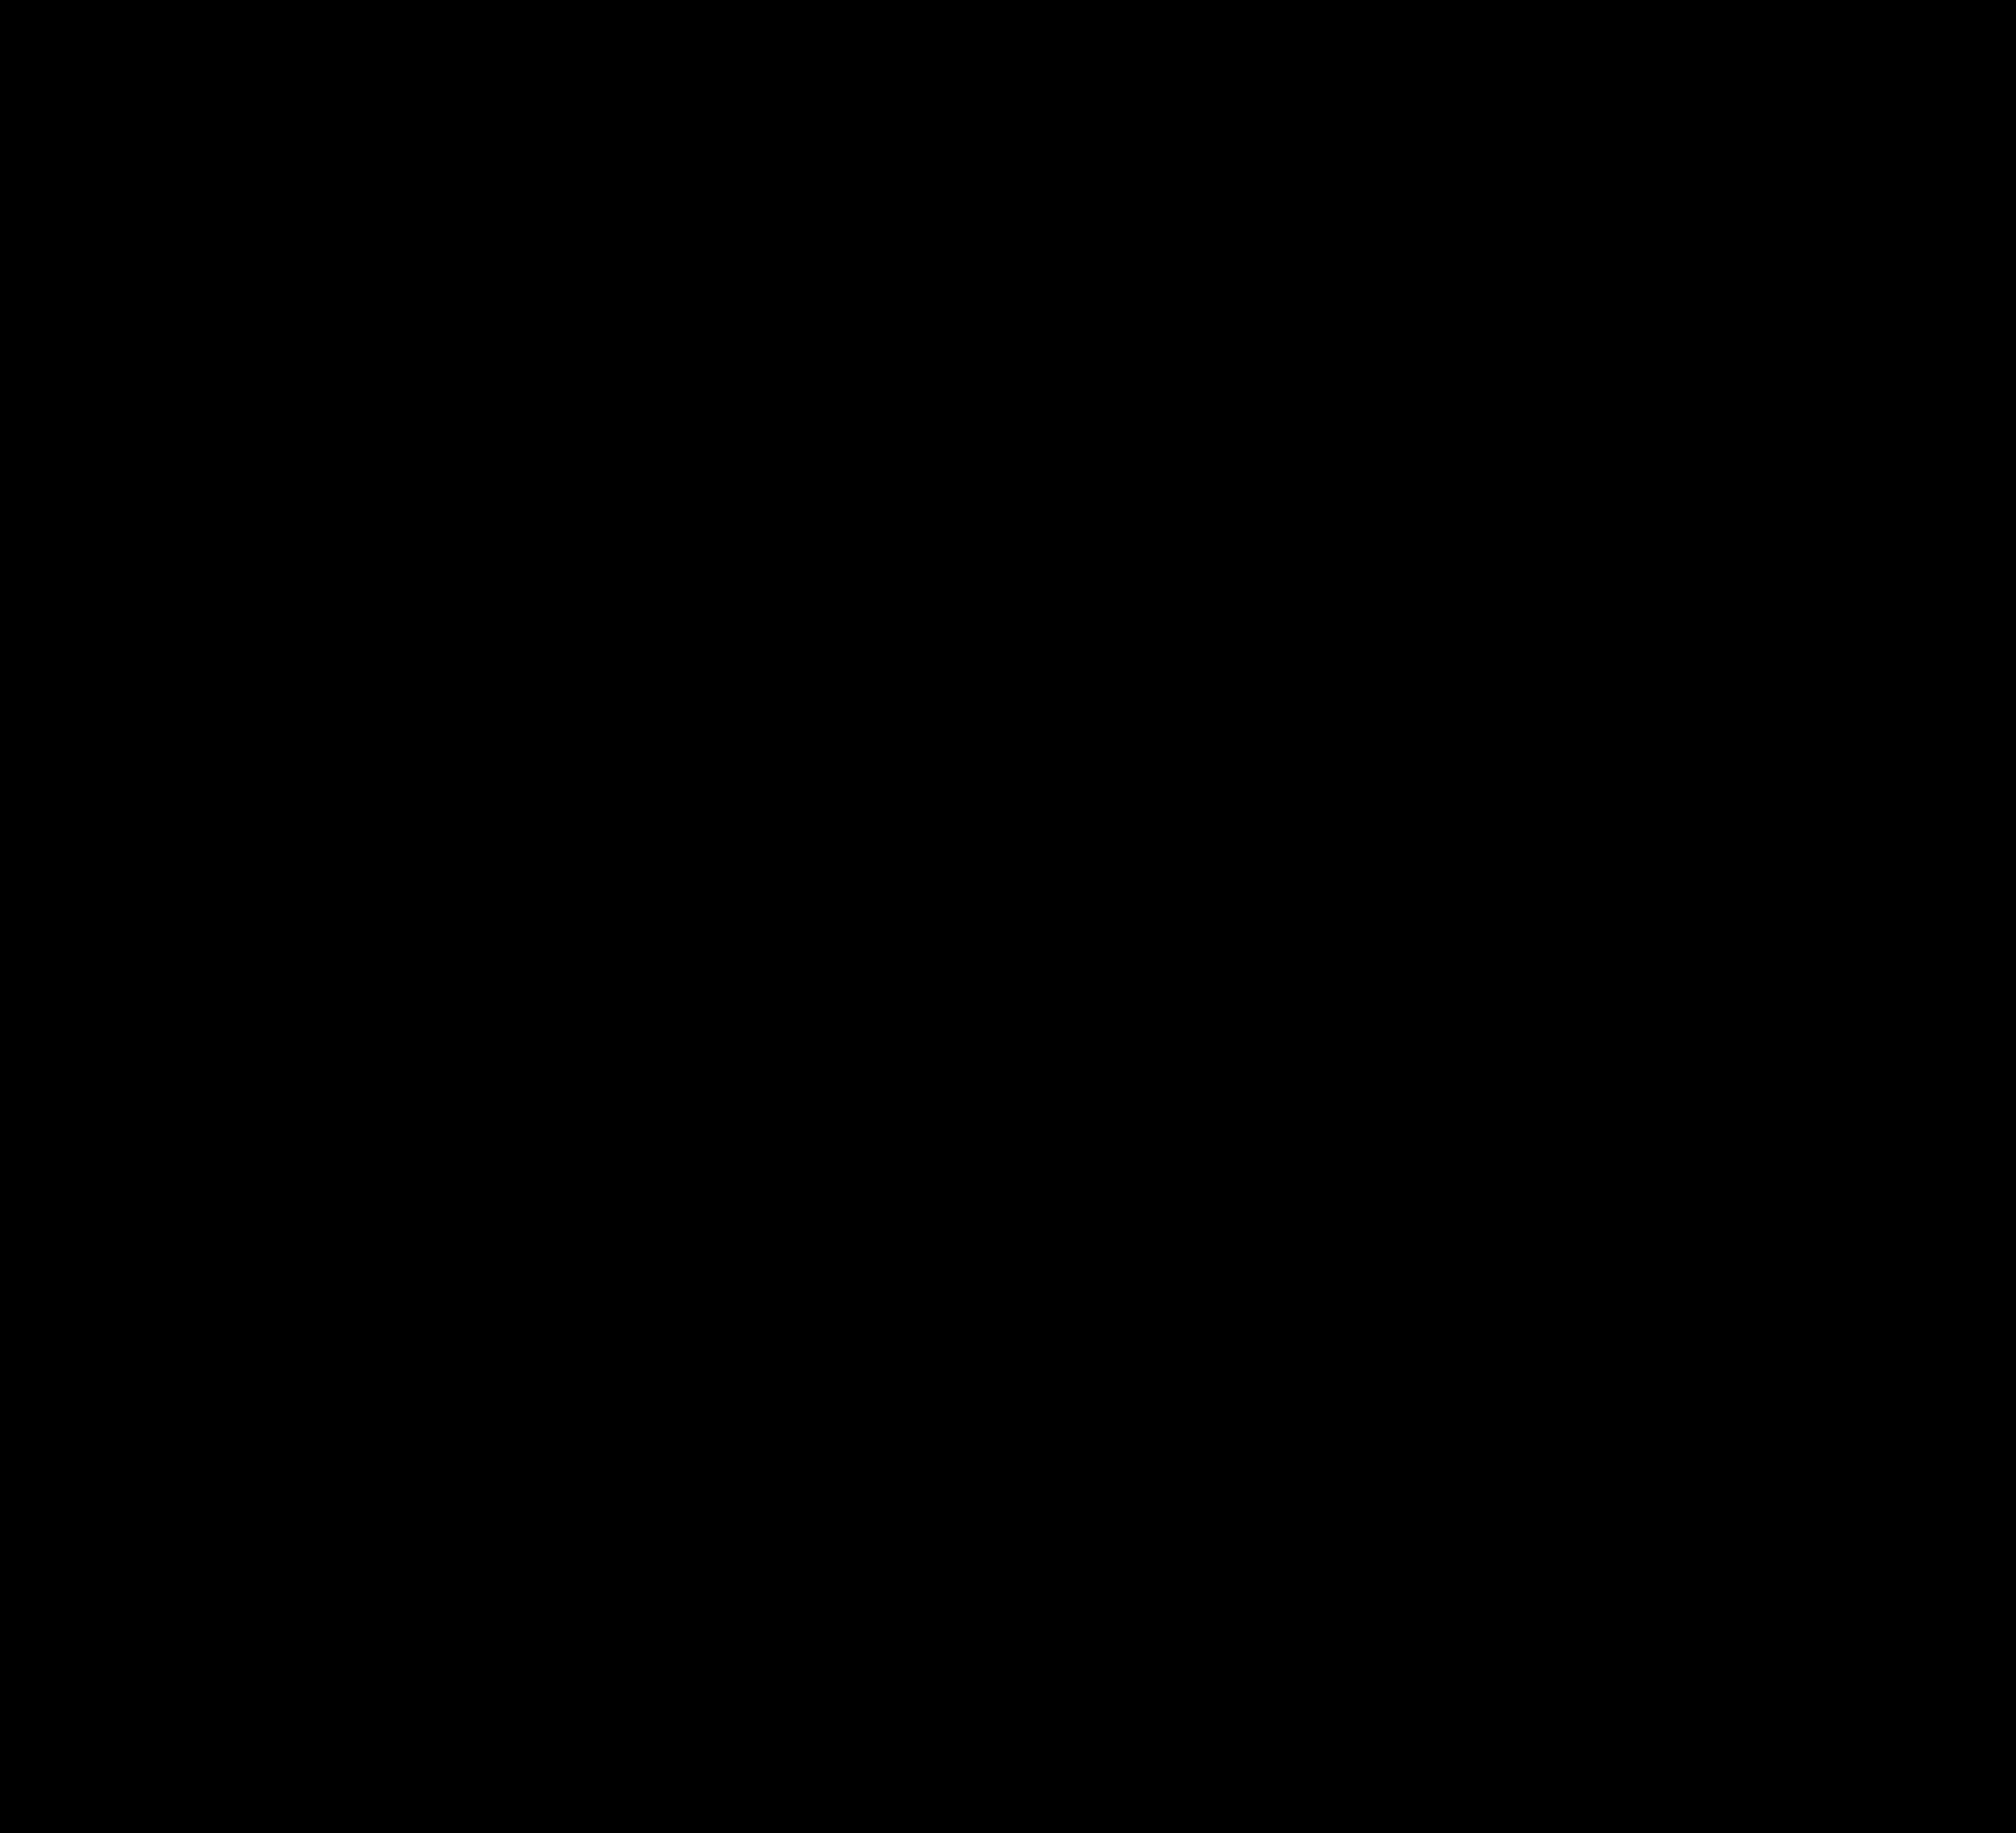 1月23日(水)「納豆もち」等試食販売実施!